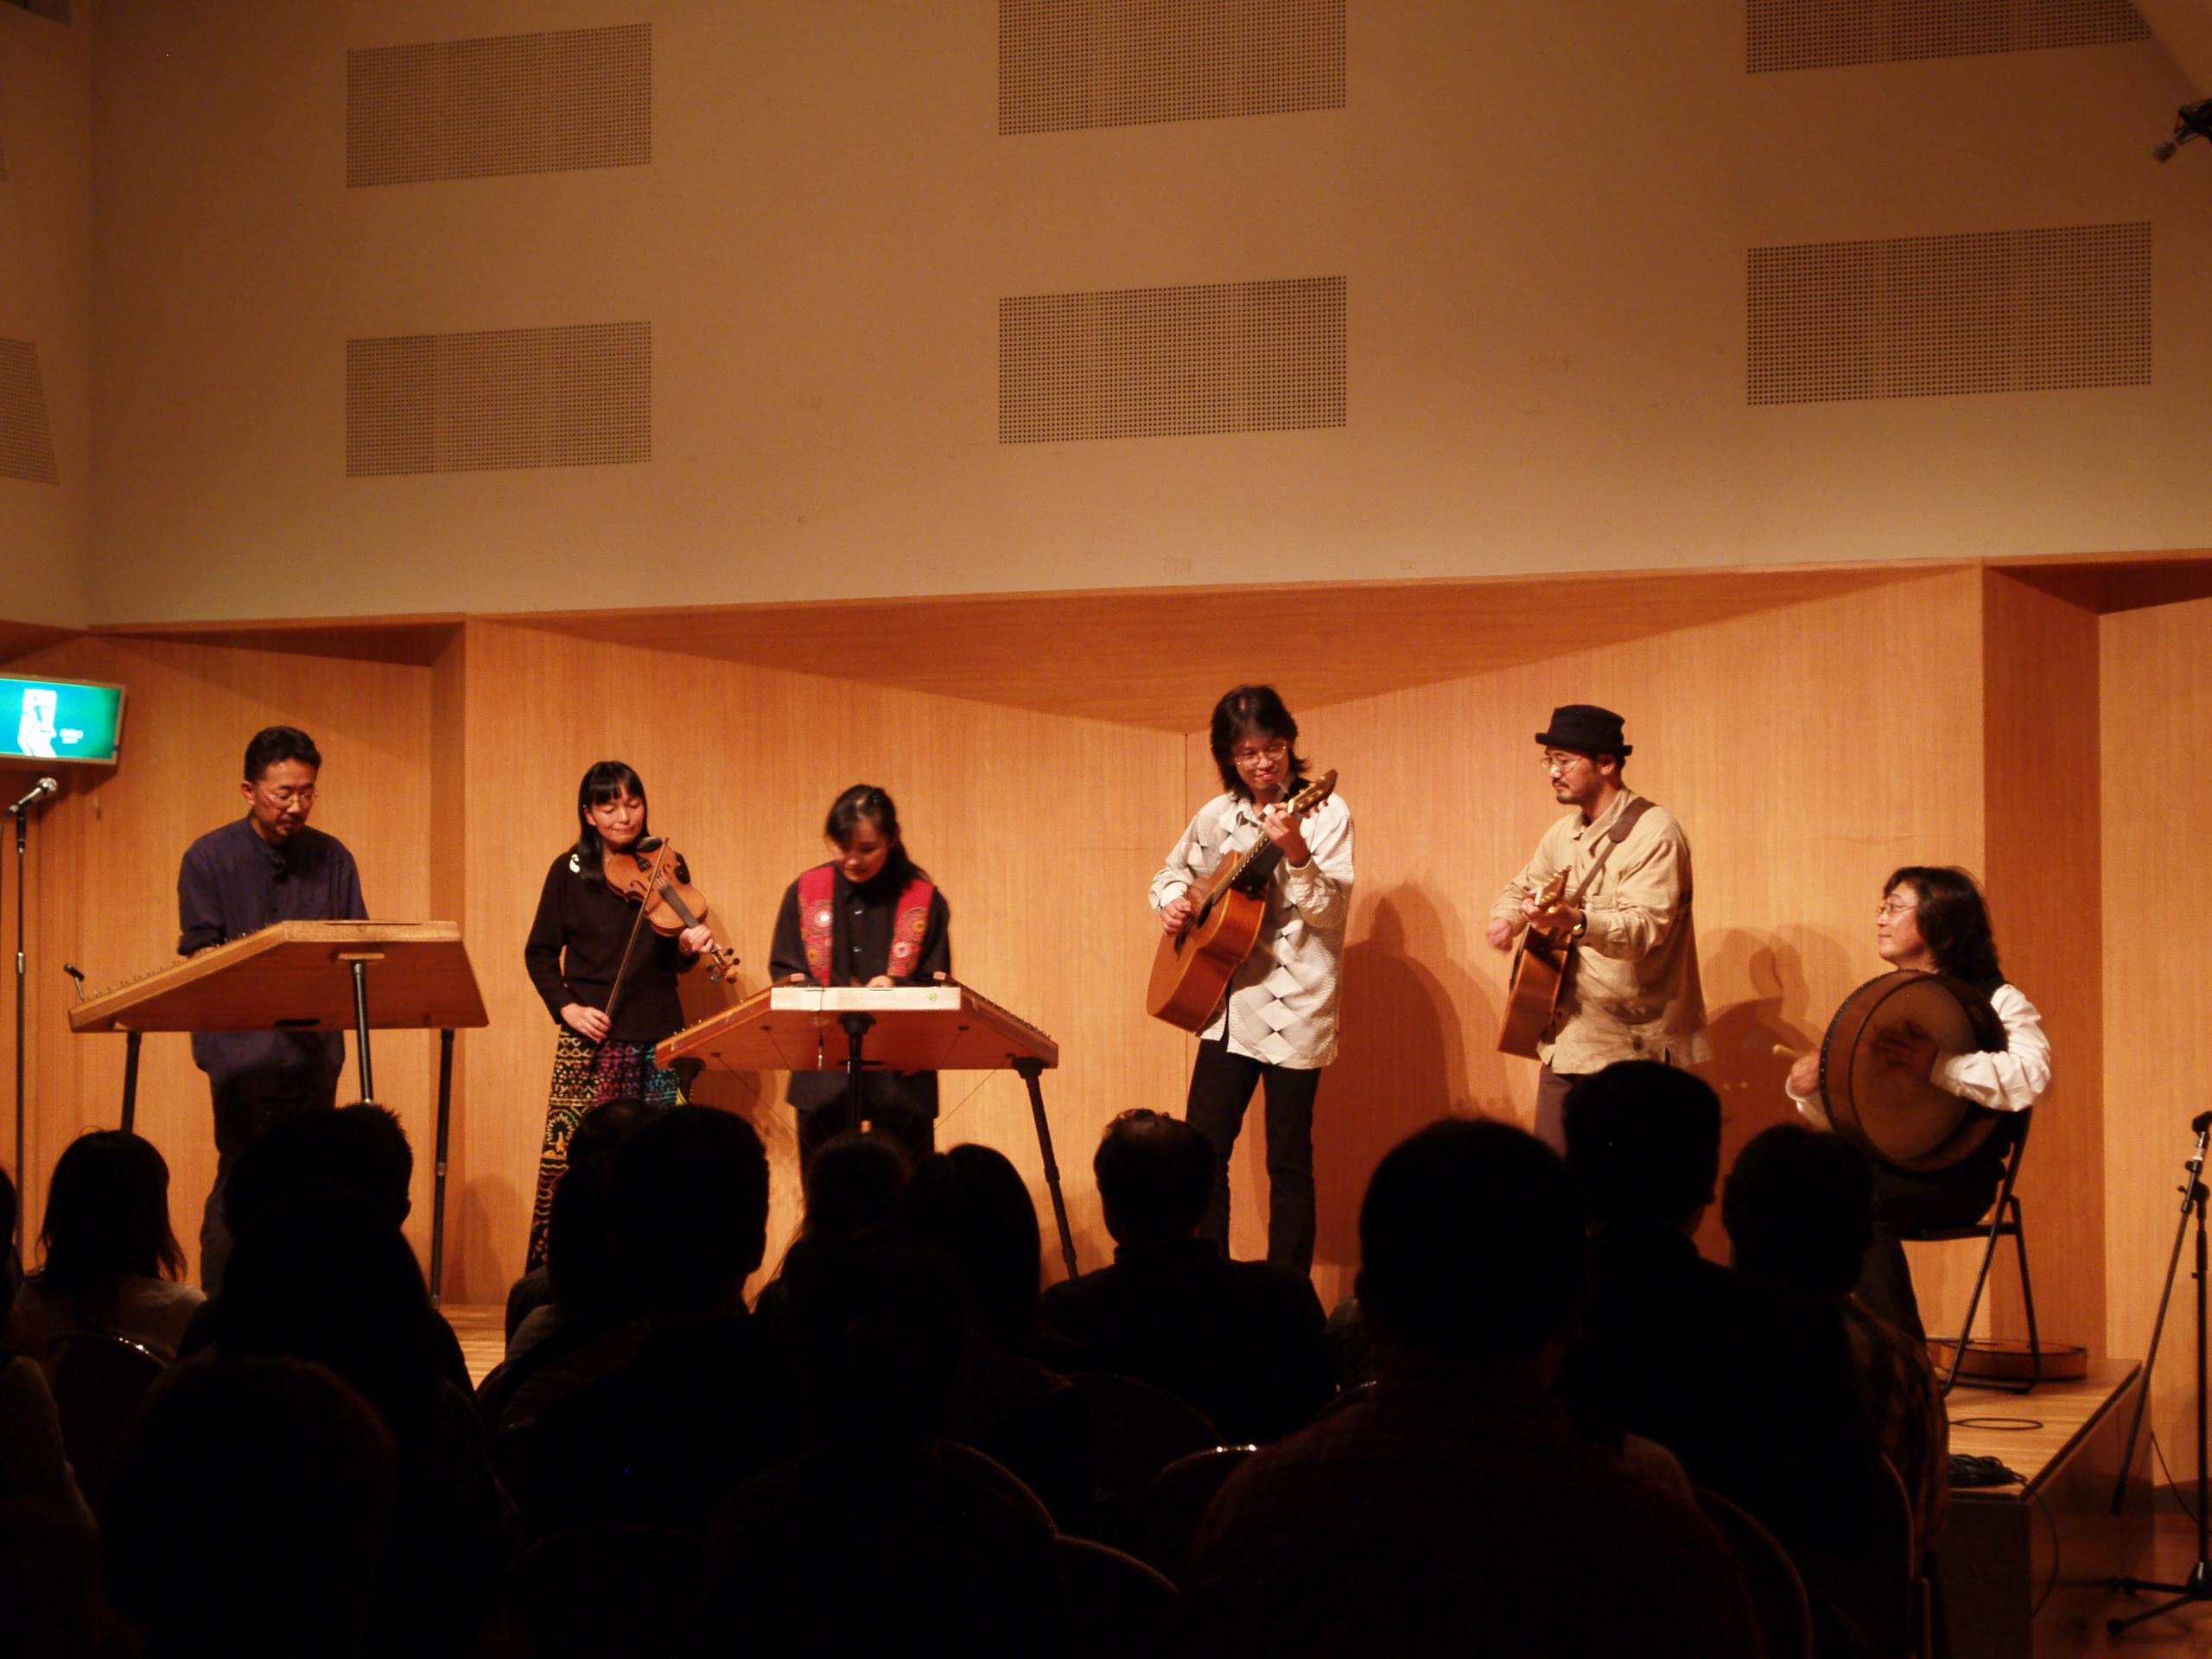 日暮里サニーホール(2005)